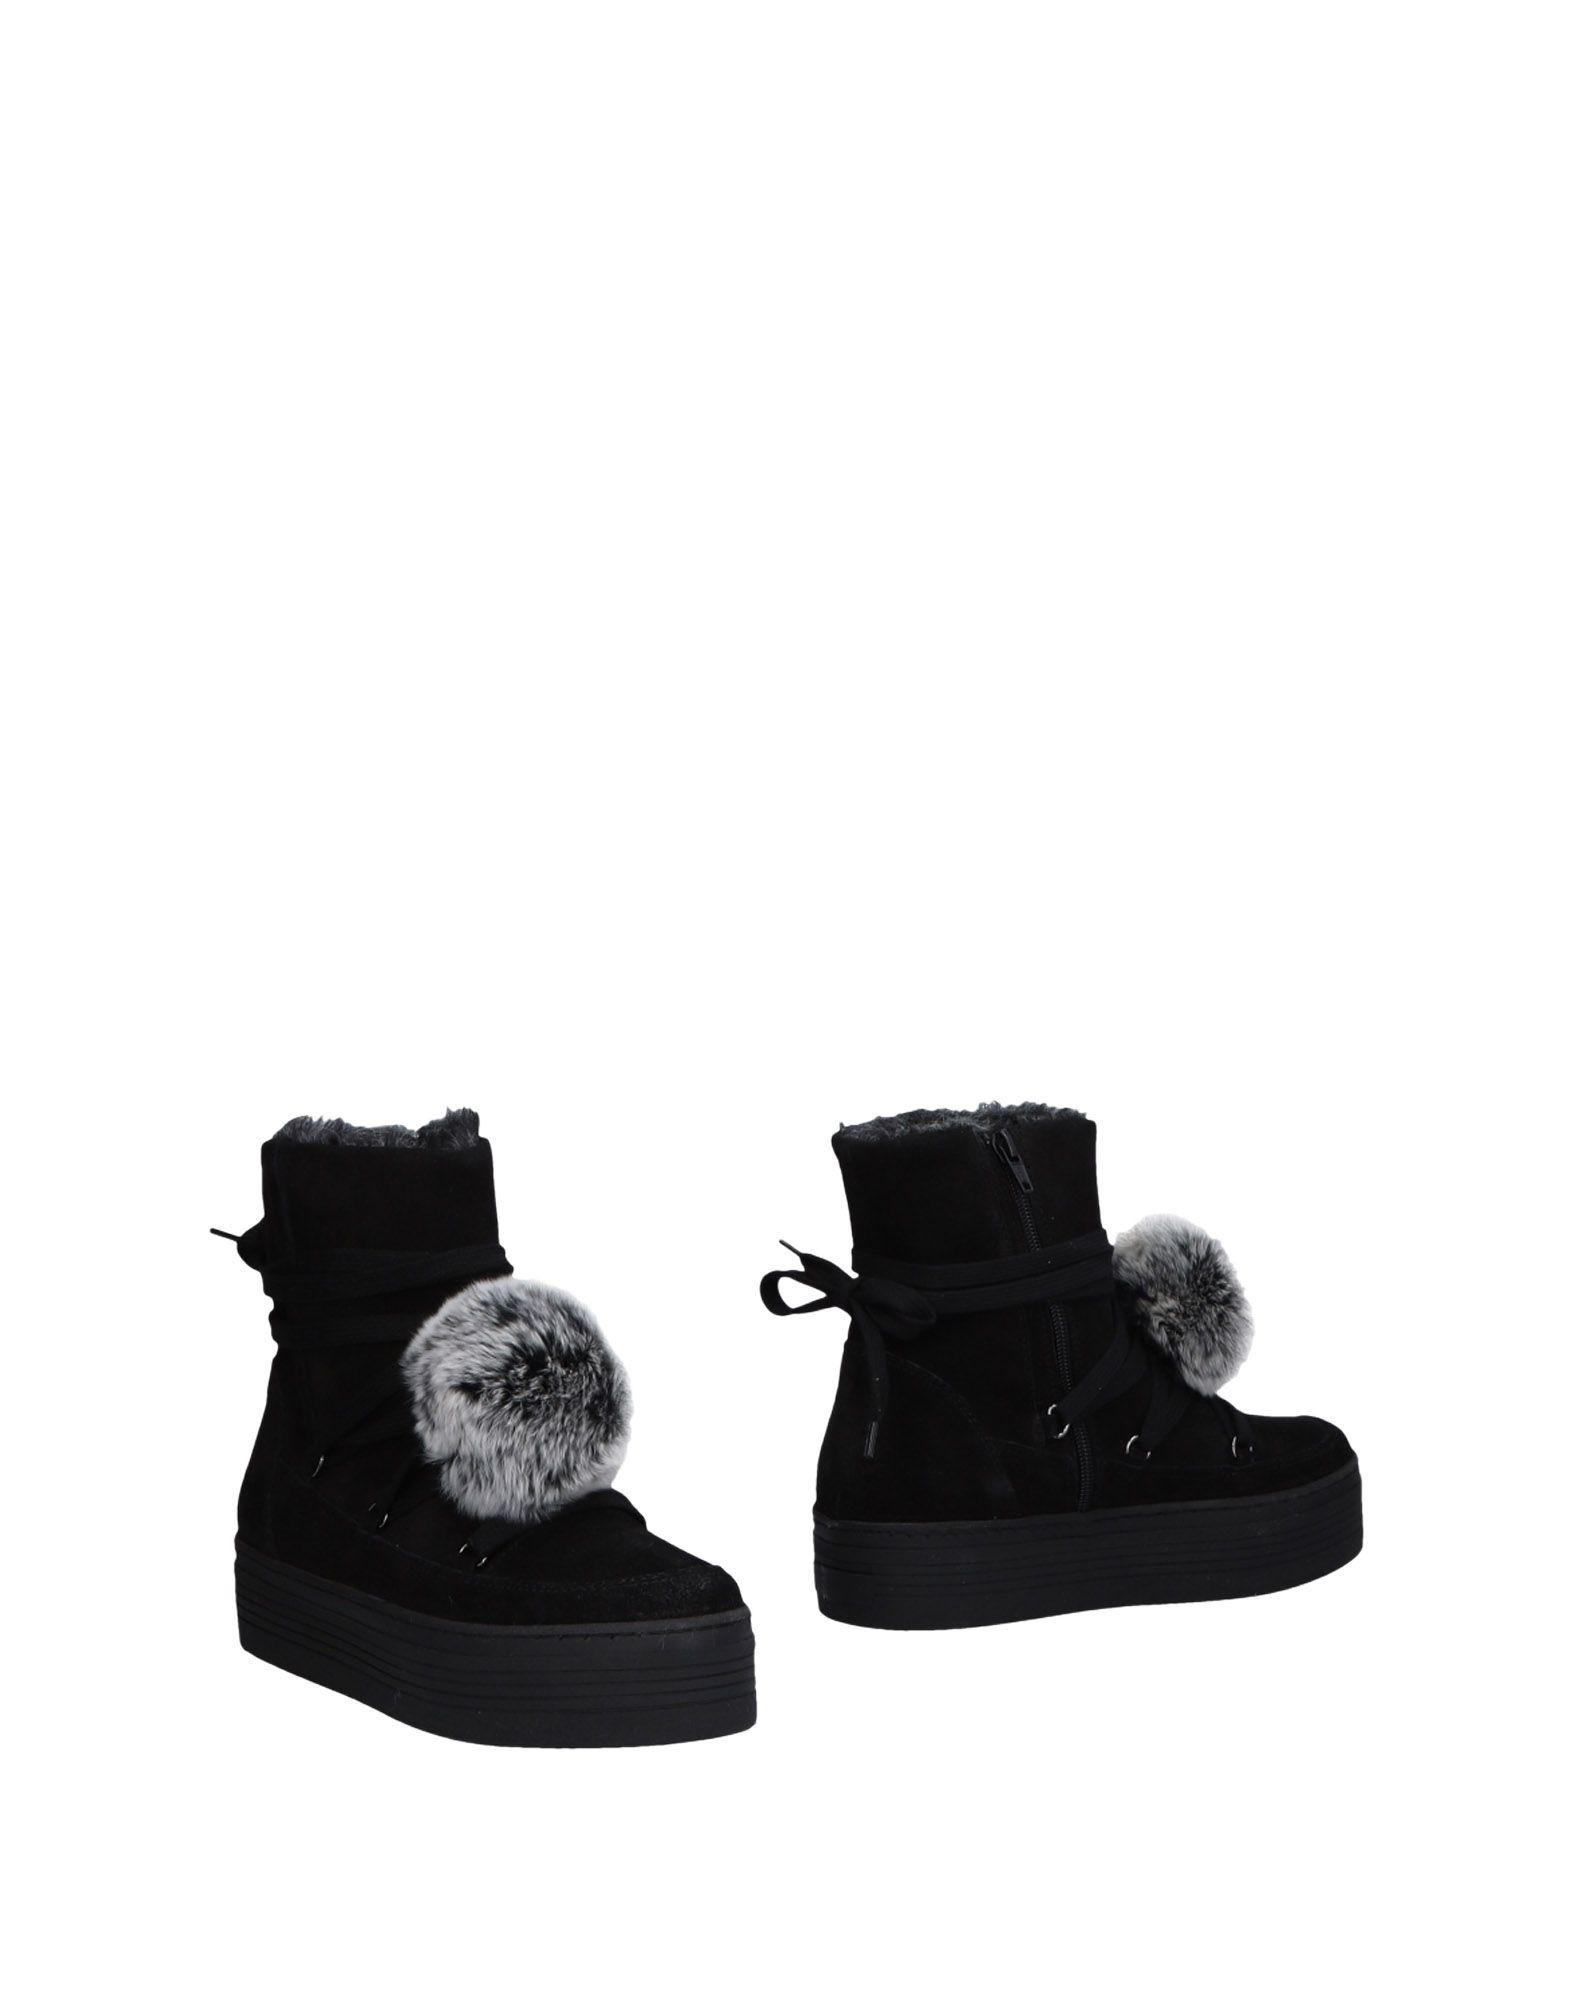 Mally Stiefelette Damen  11476310EI Gute Qualität beliebte Schuhe